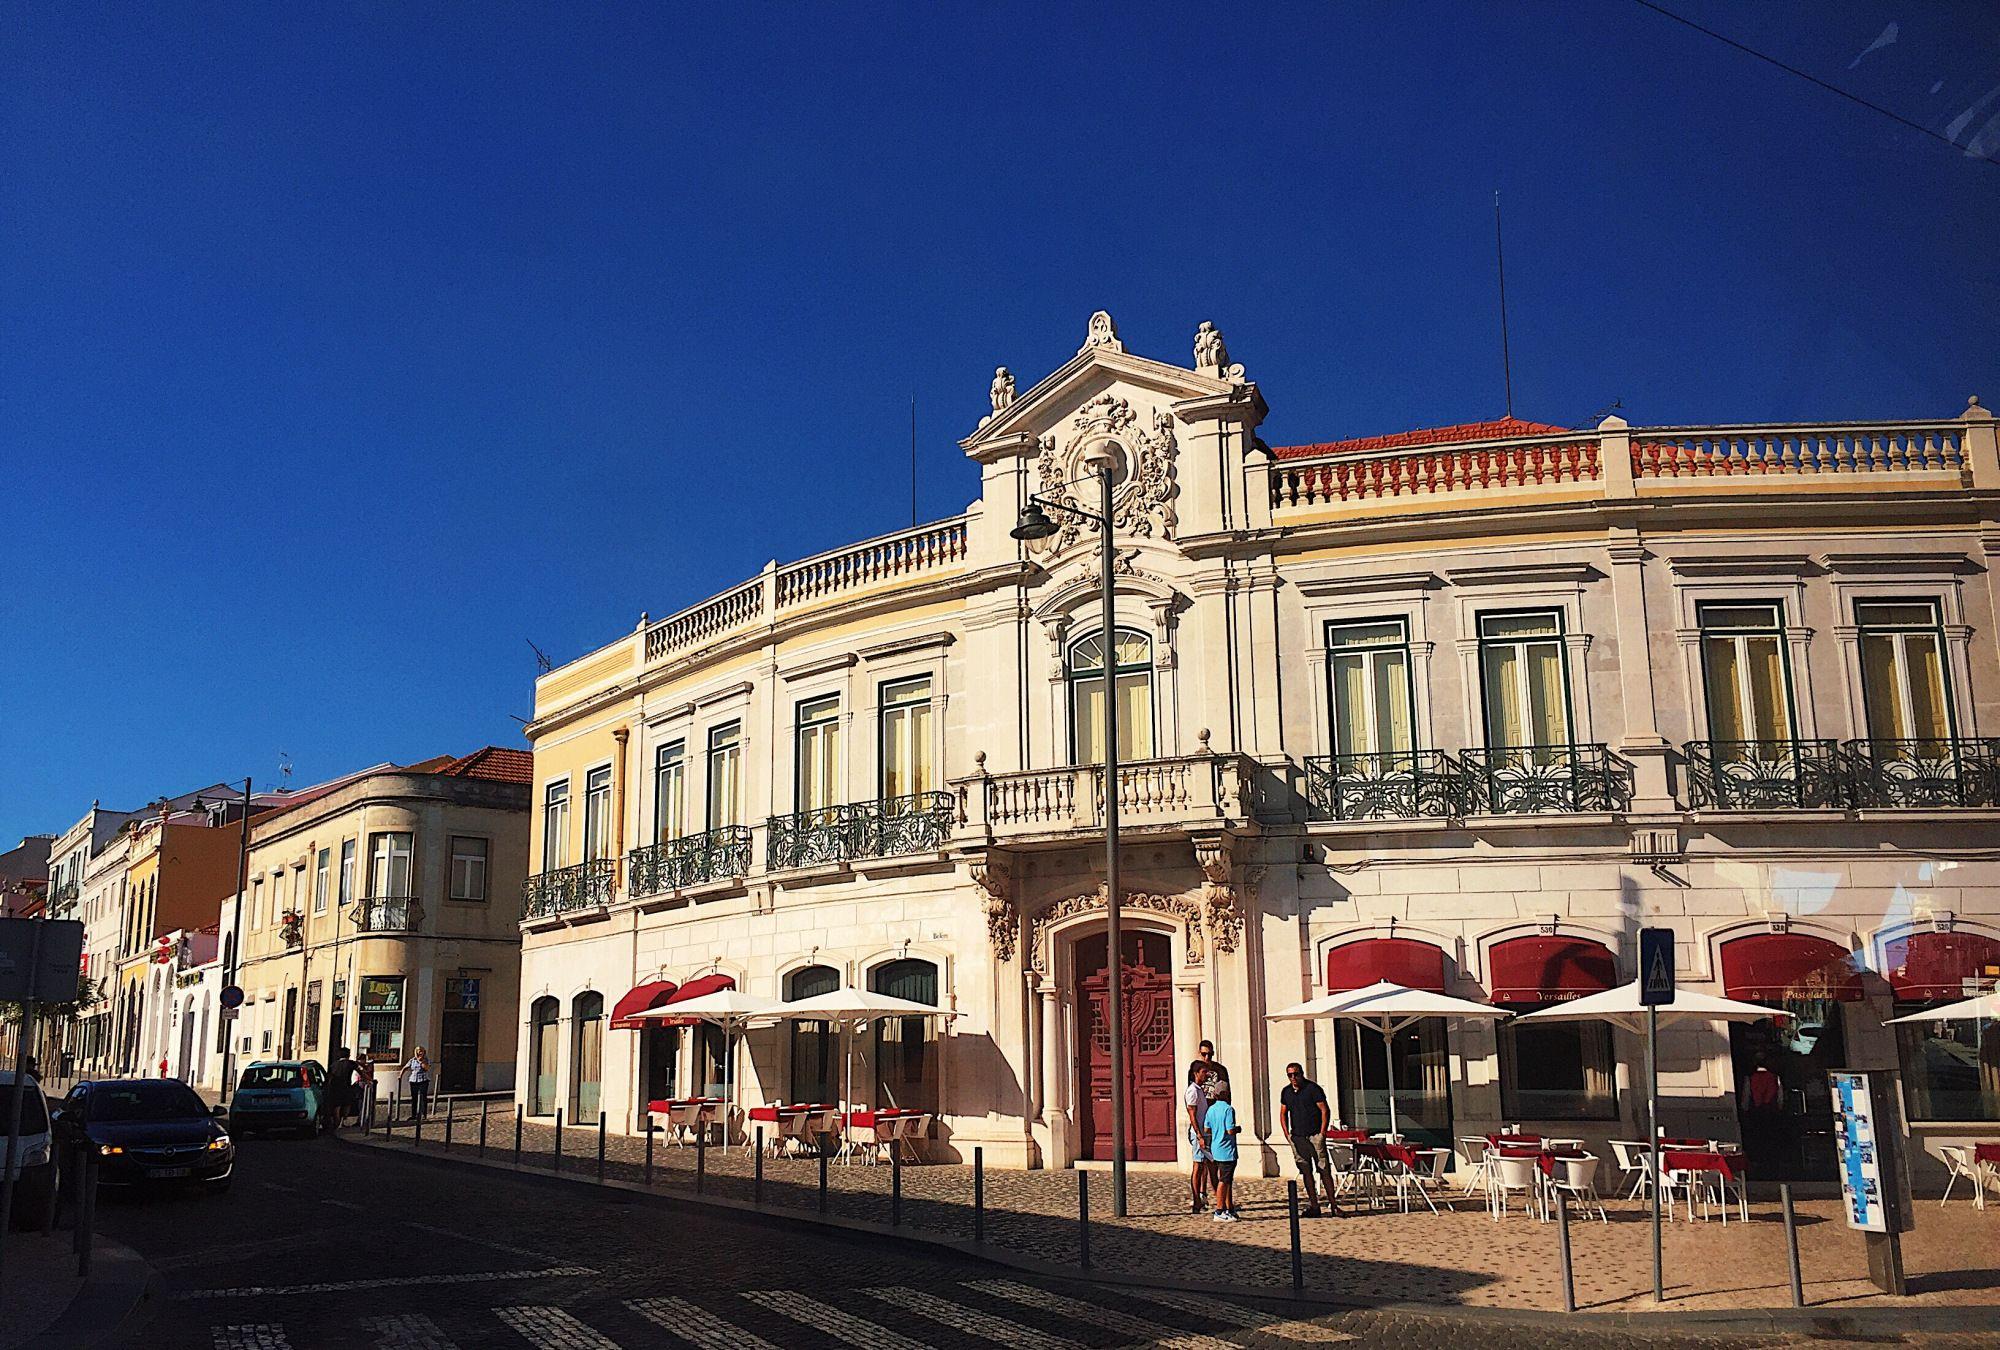 探访葡萄牙里斯本贝伦区,重回大航海时代的荣光